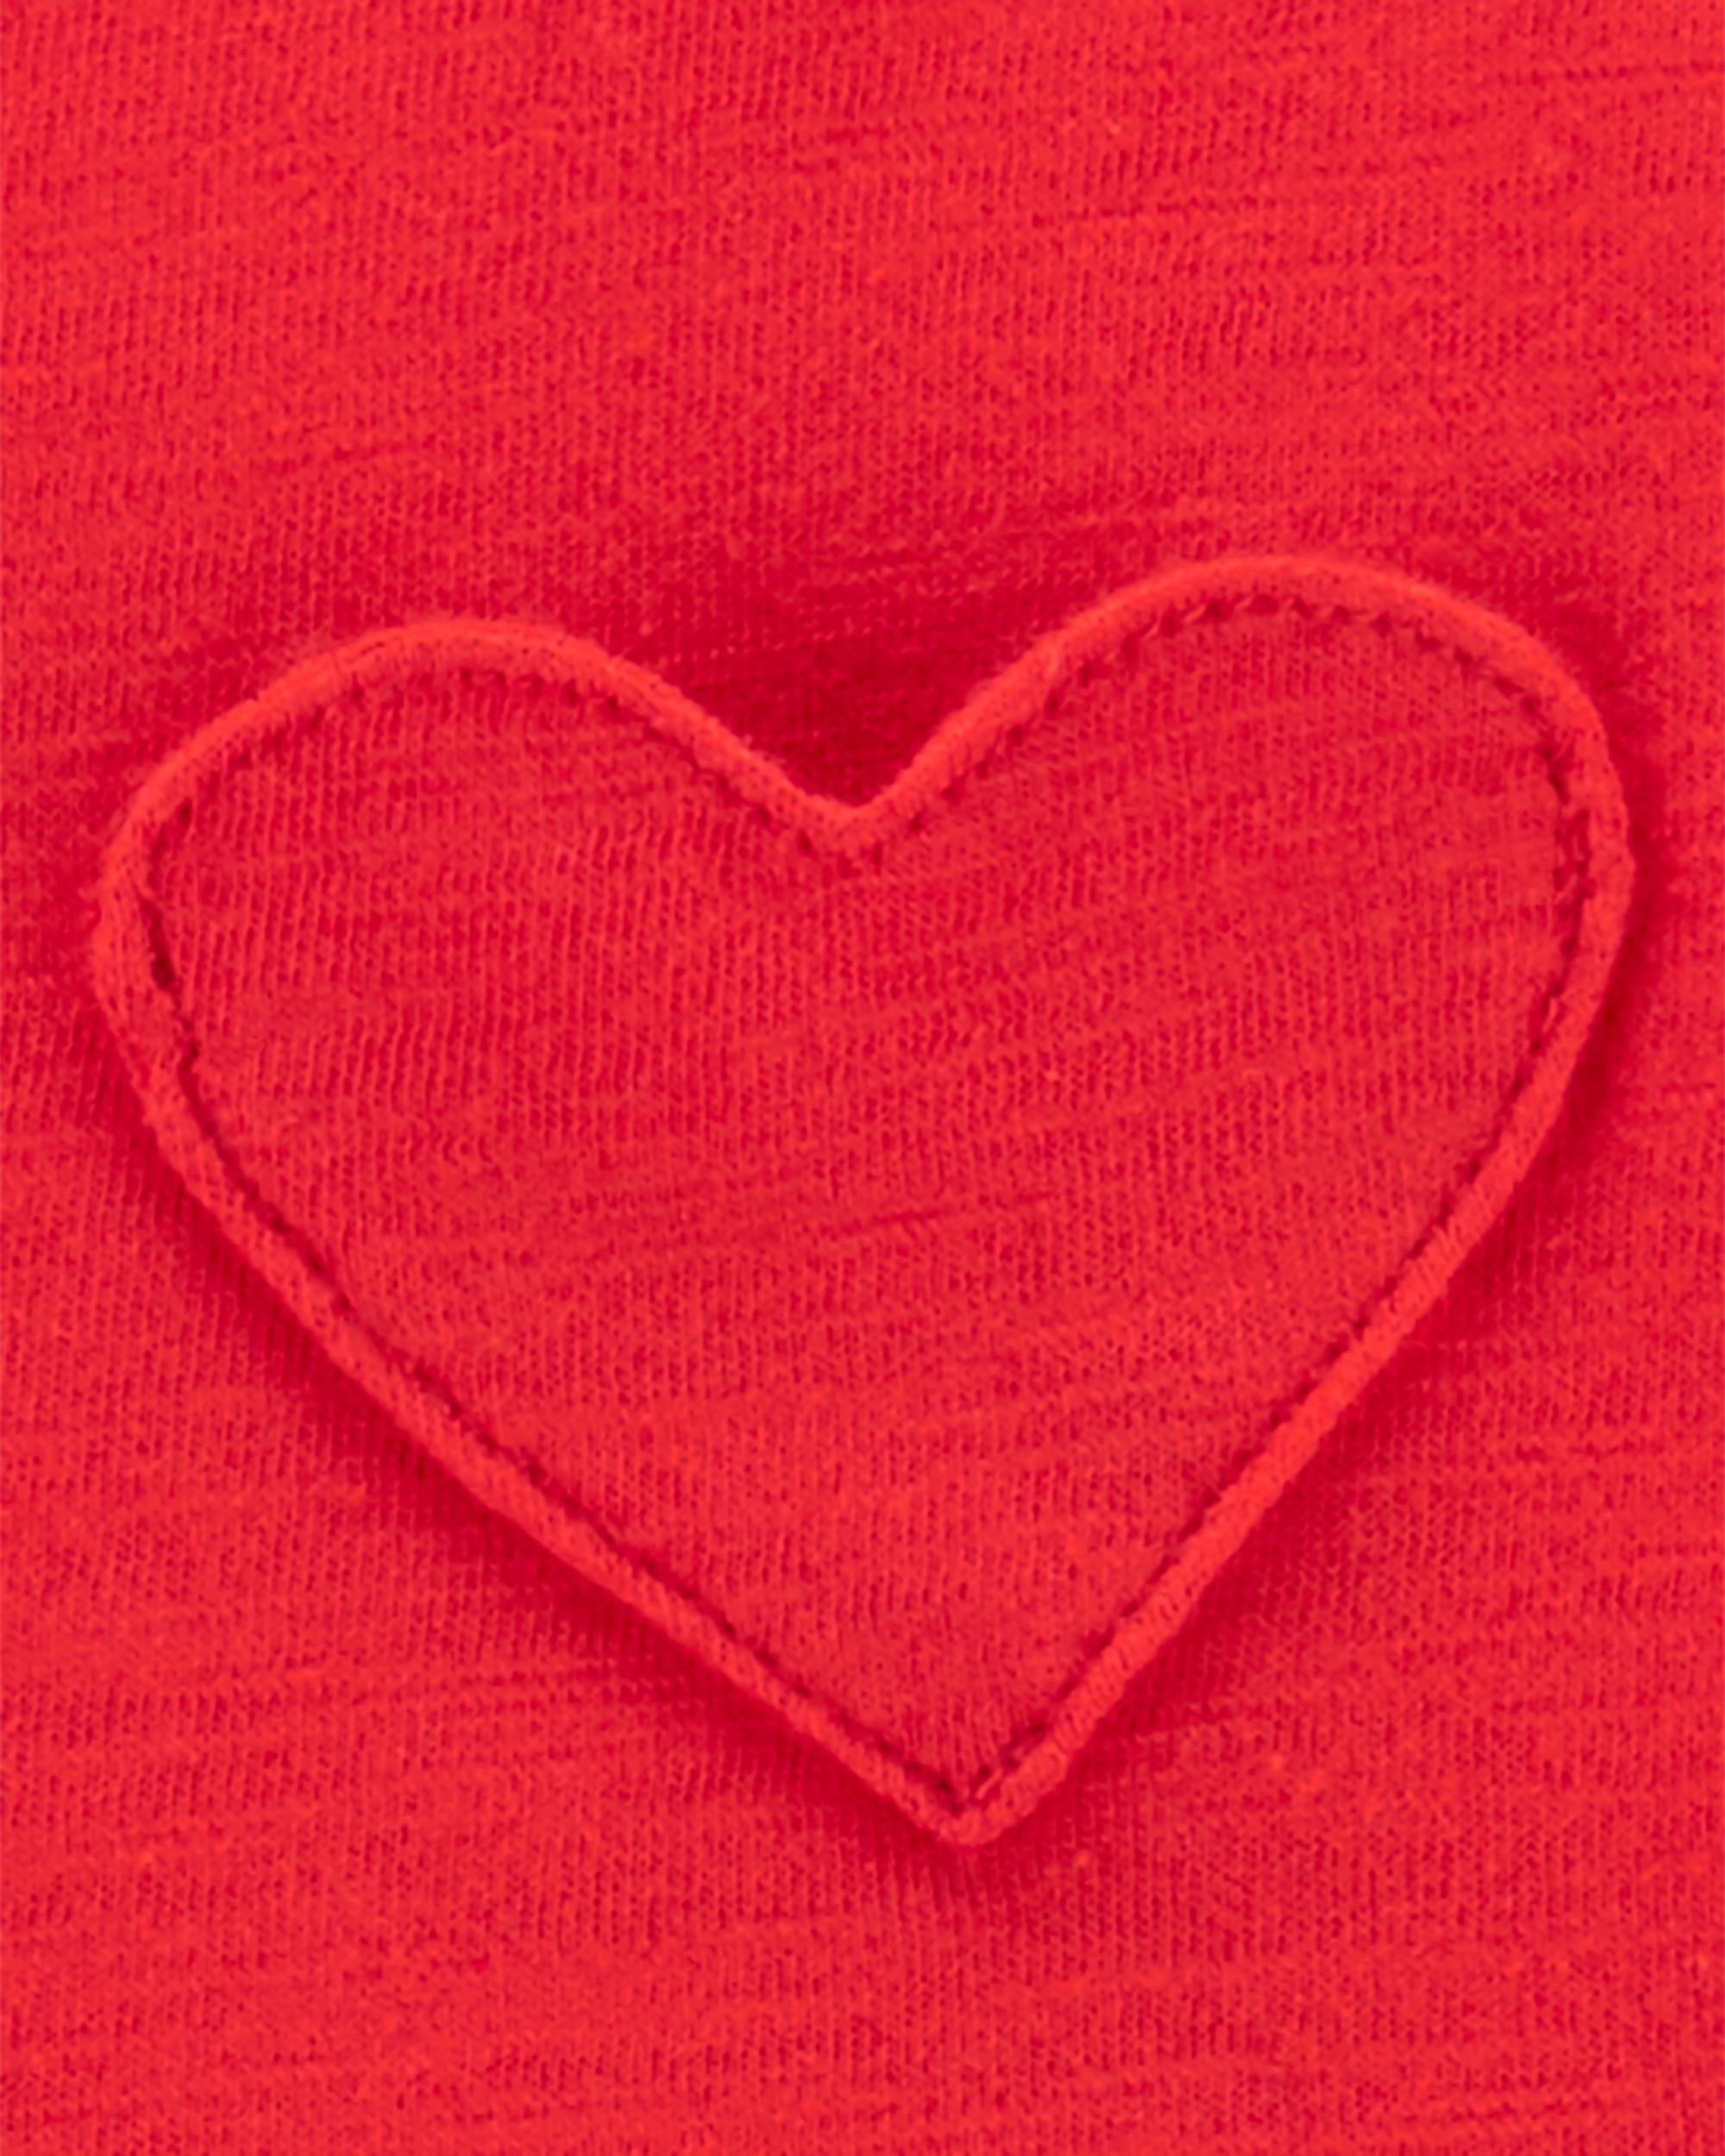 מארז אוברול לבבות ושמלה